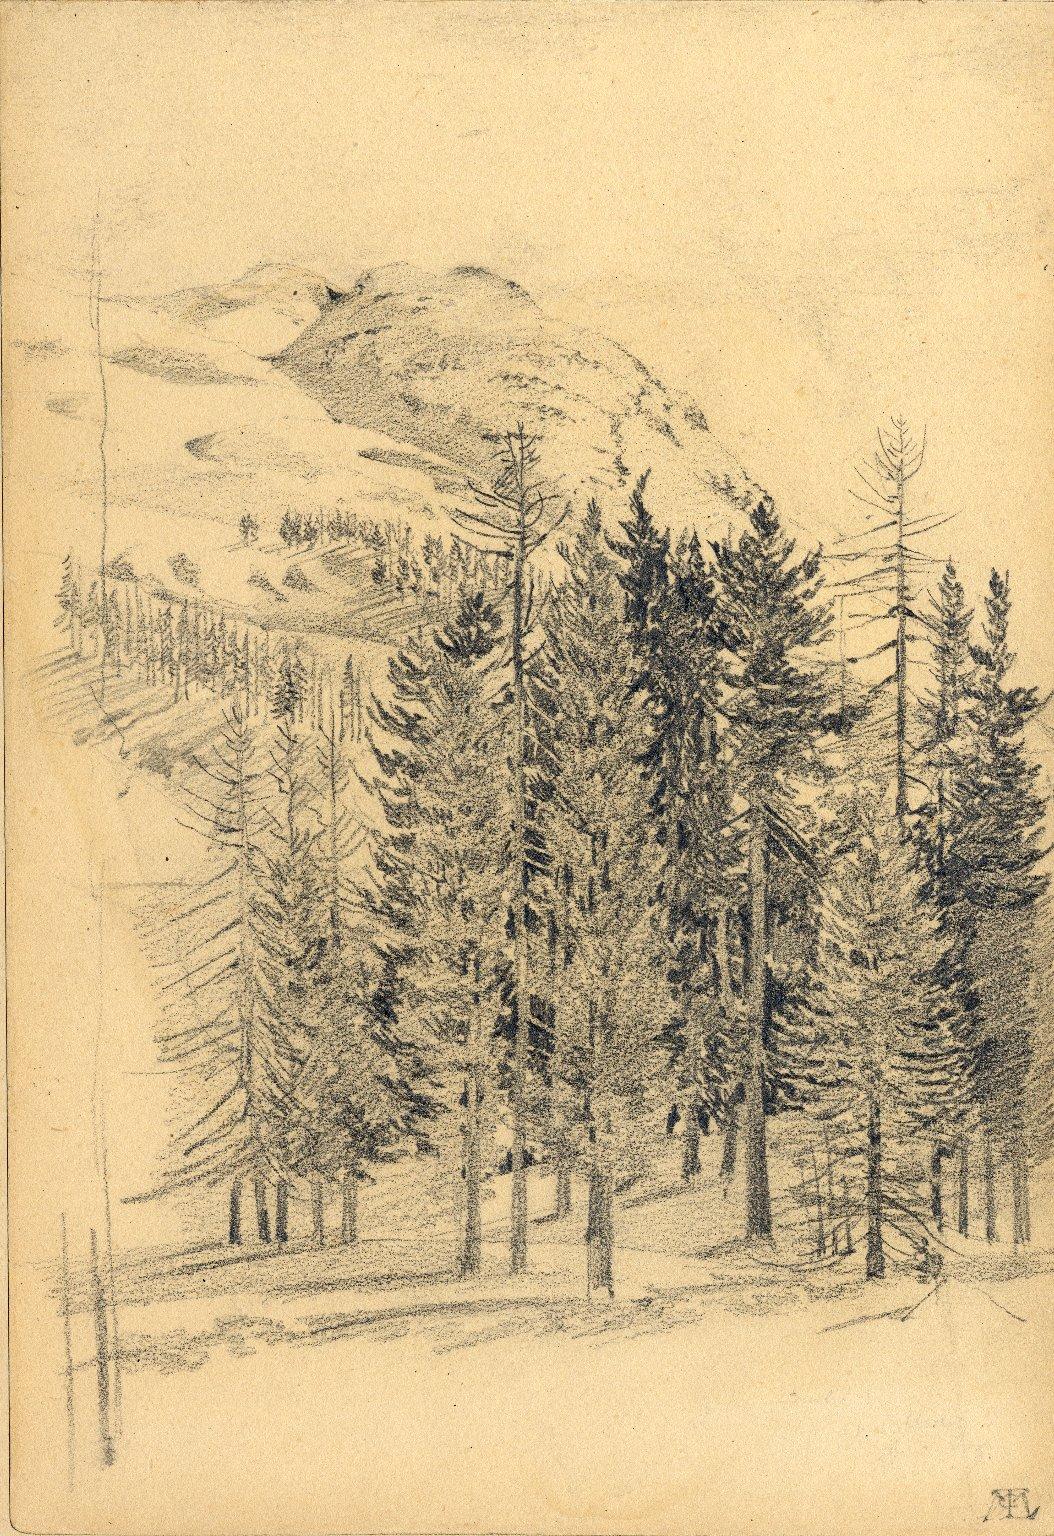 Landscape at St. Moritz